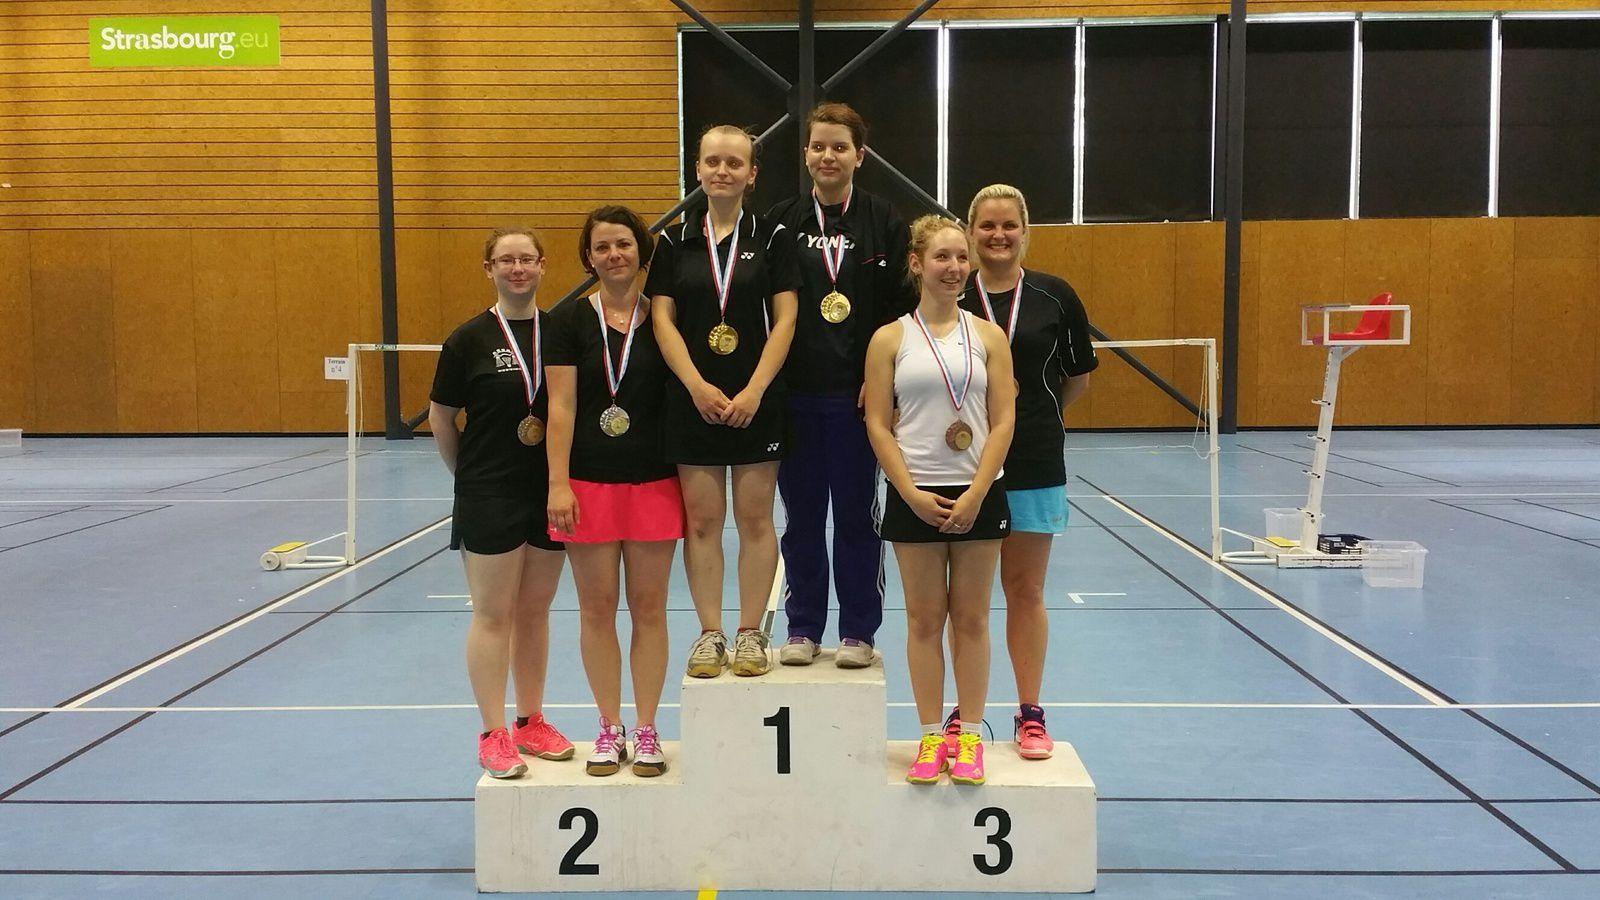 Championnat d'Alsace2016 : Honneurs aux dames !